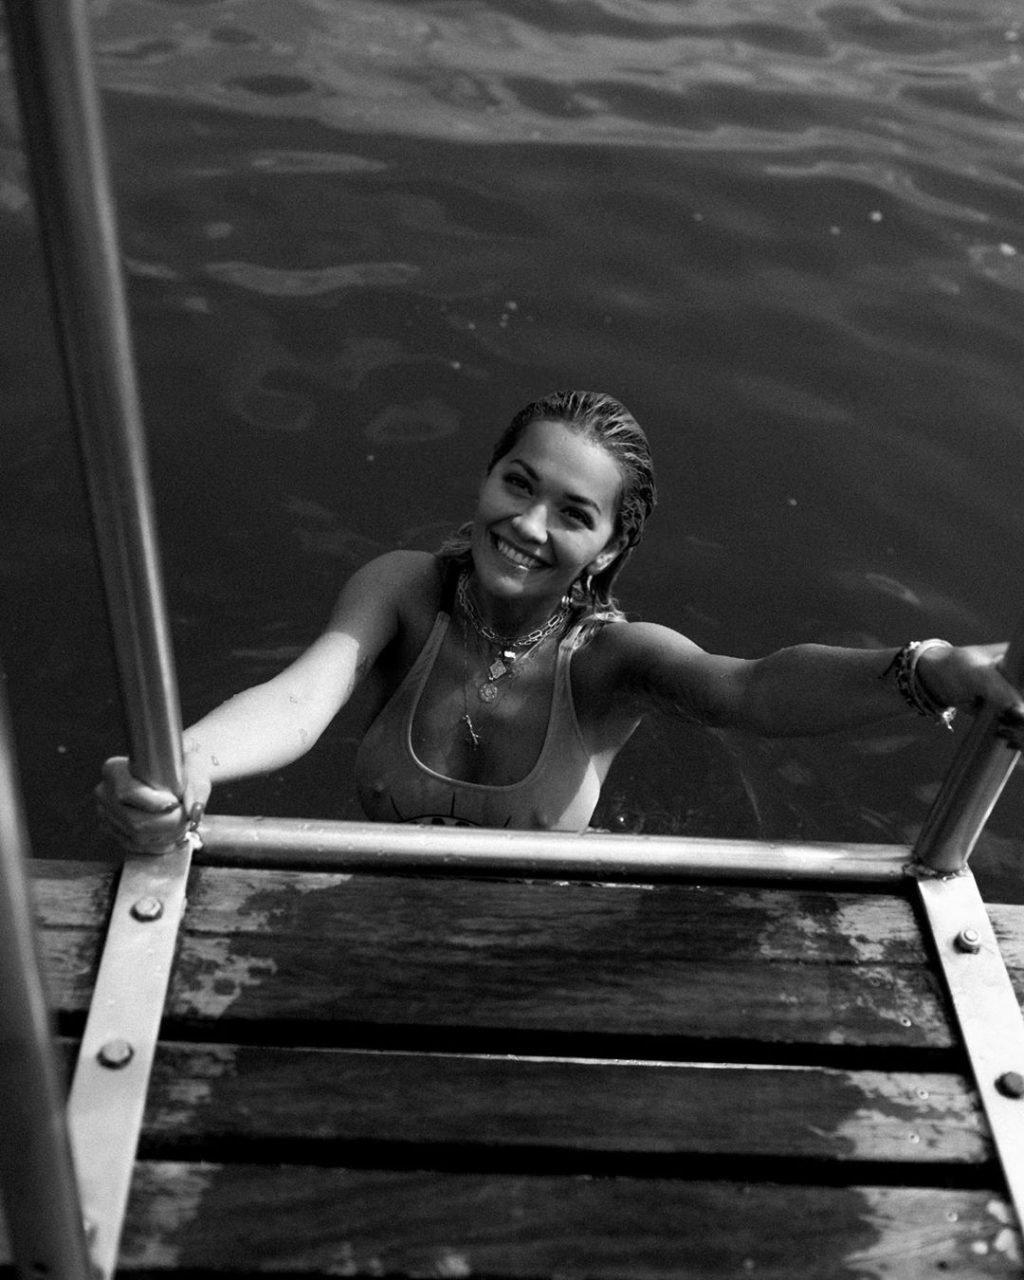 Rita Ora See Through (3 New Photos)